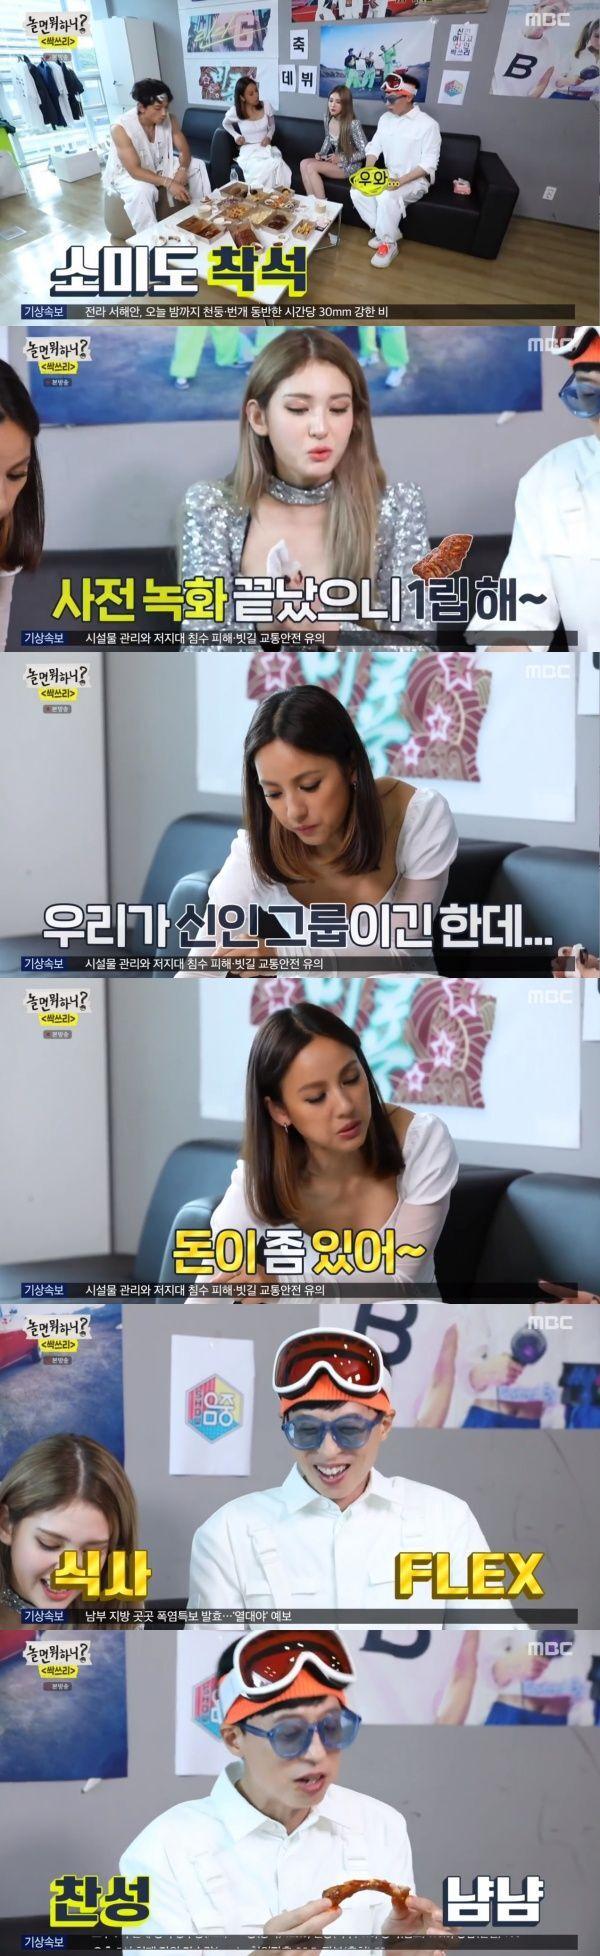 싹쓰리 전소미 / 사진=MBC 놀면 뭐하니